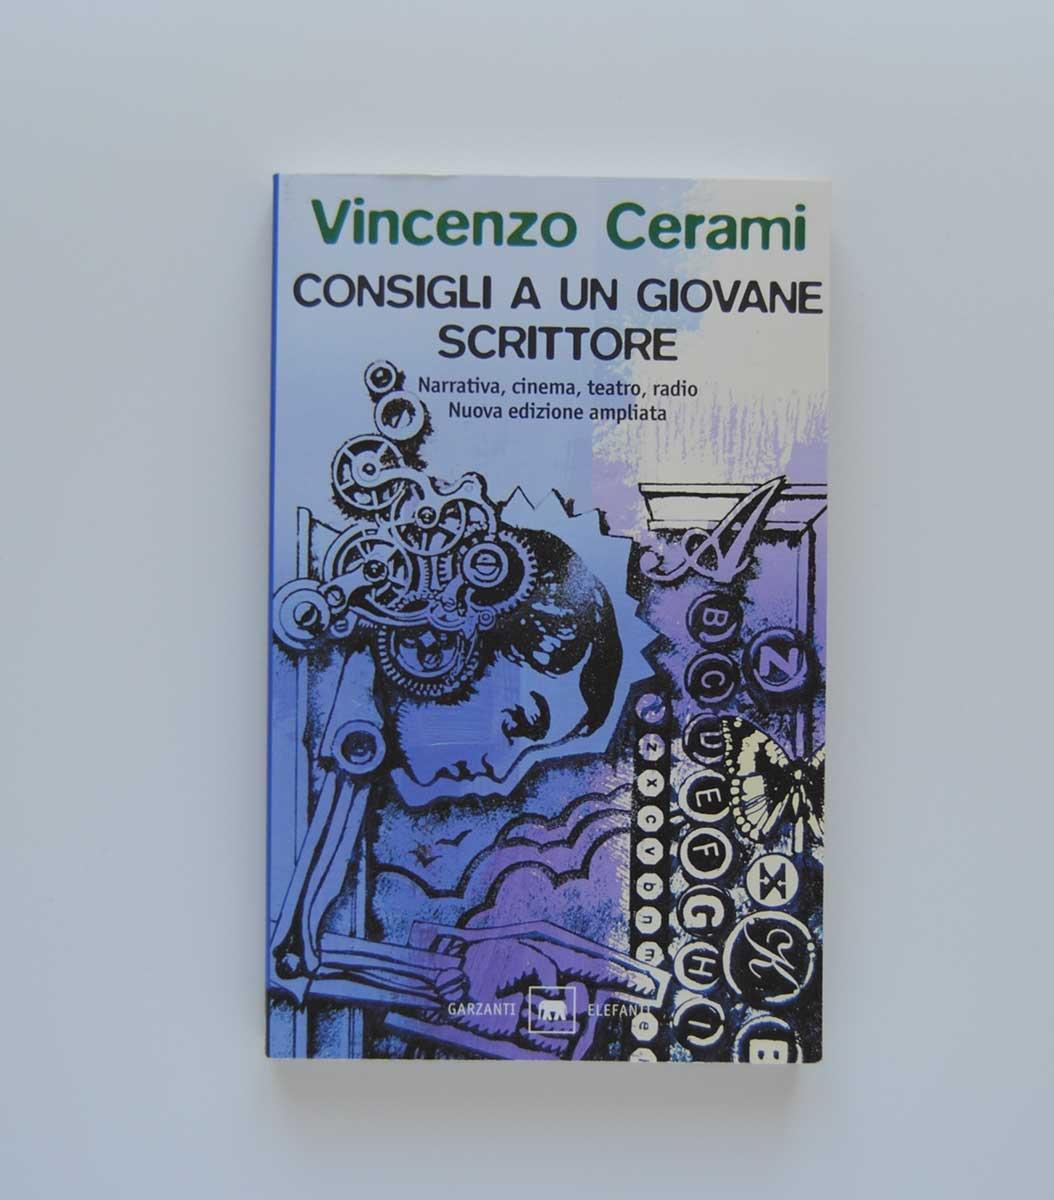 Consigli a un giovane scrittore di Vincenzo Cerami